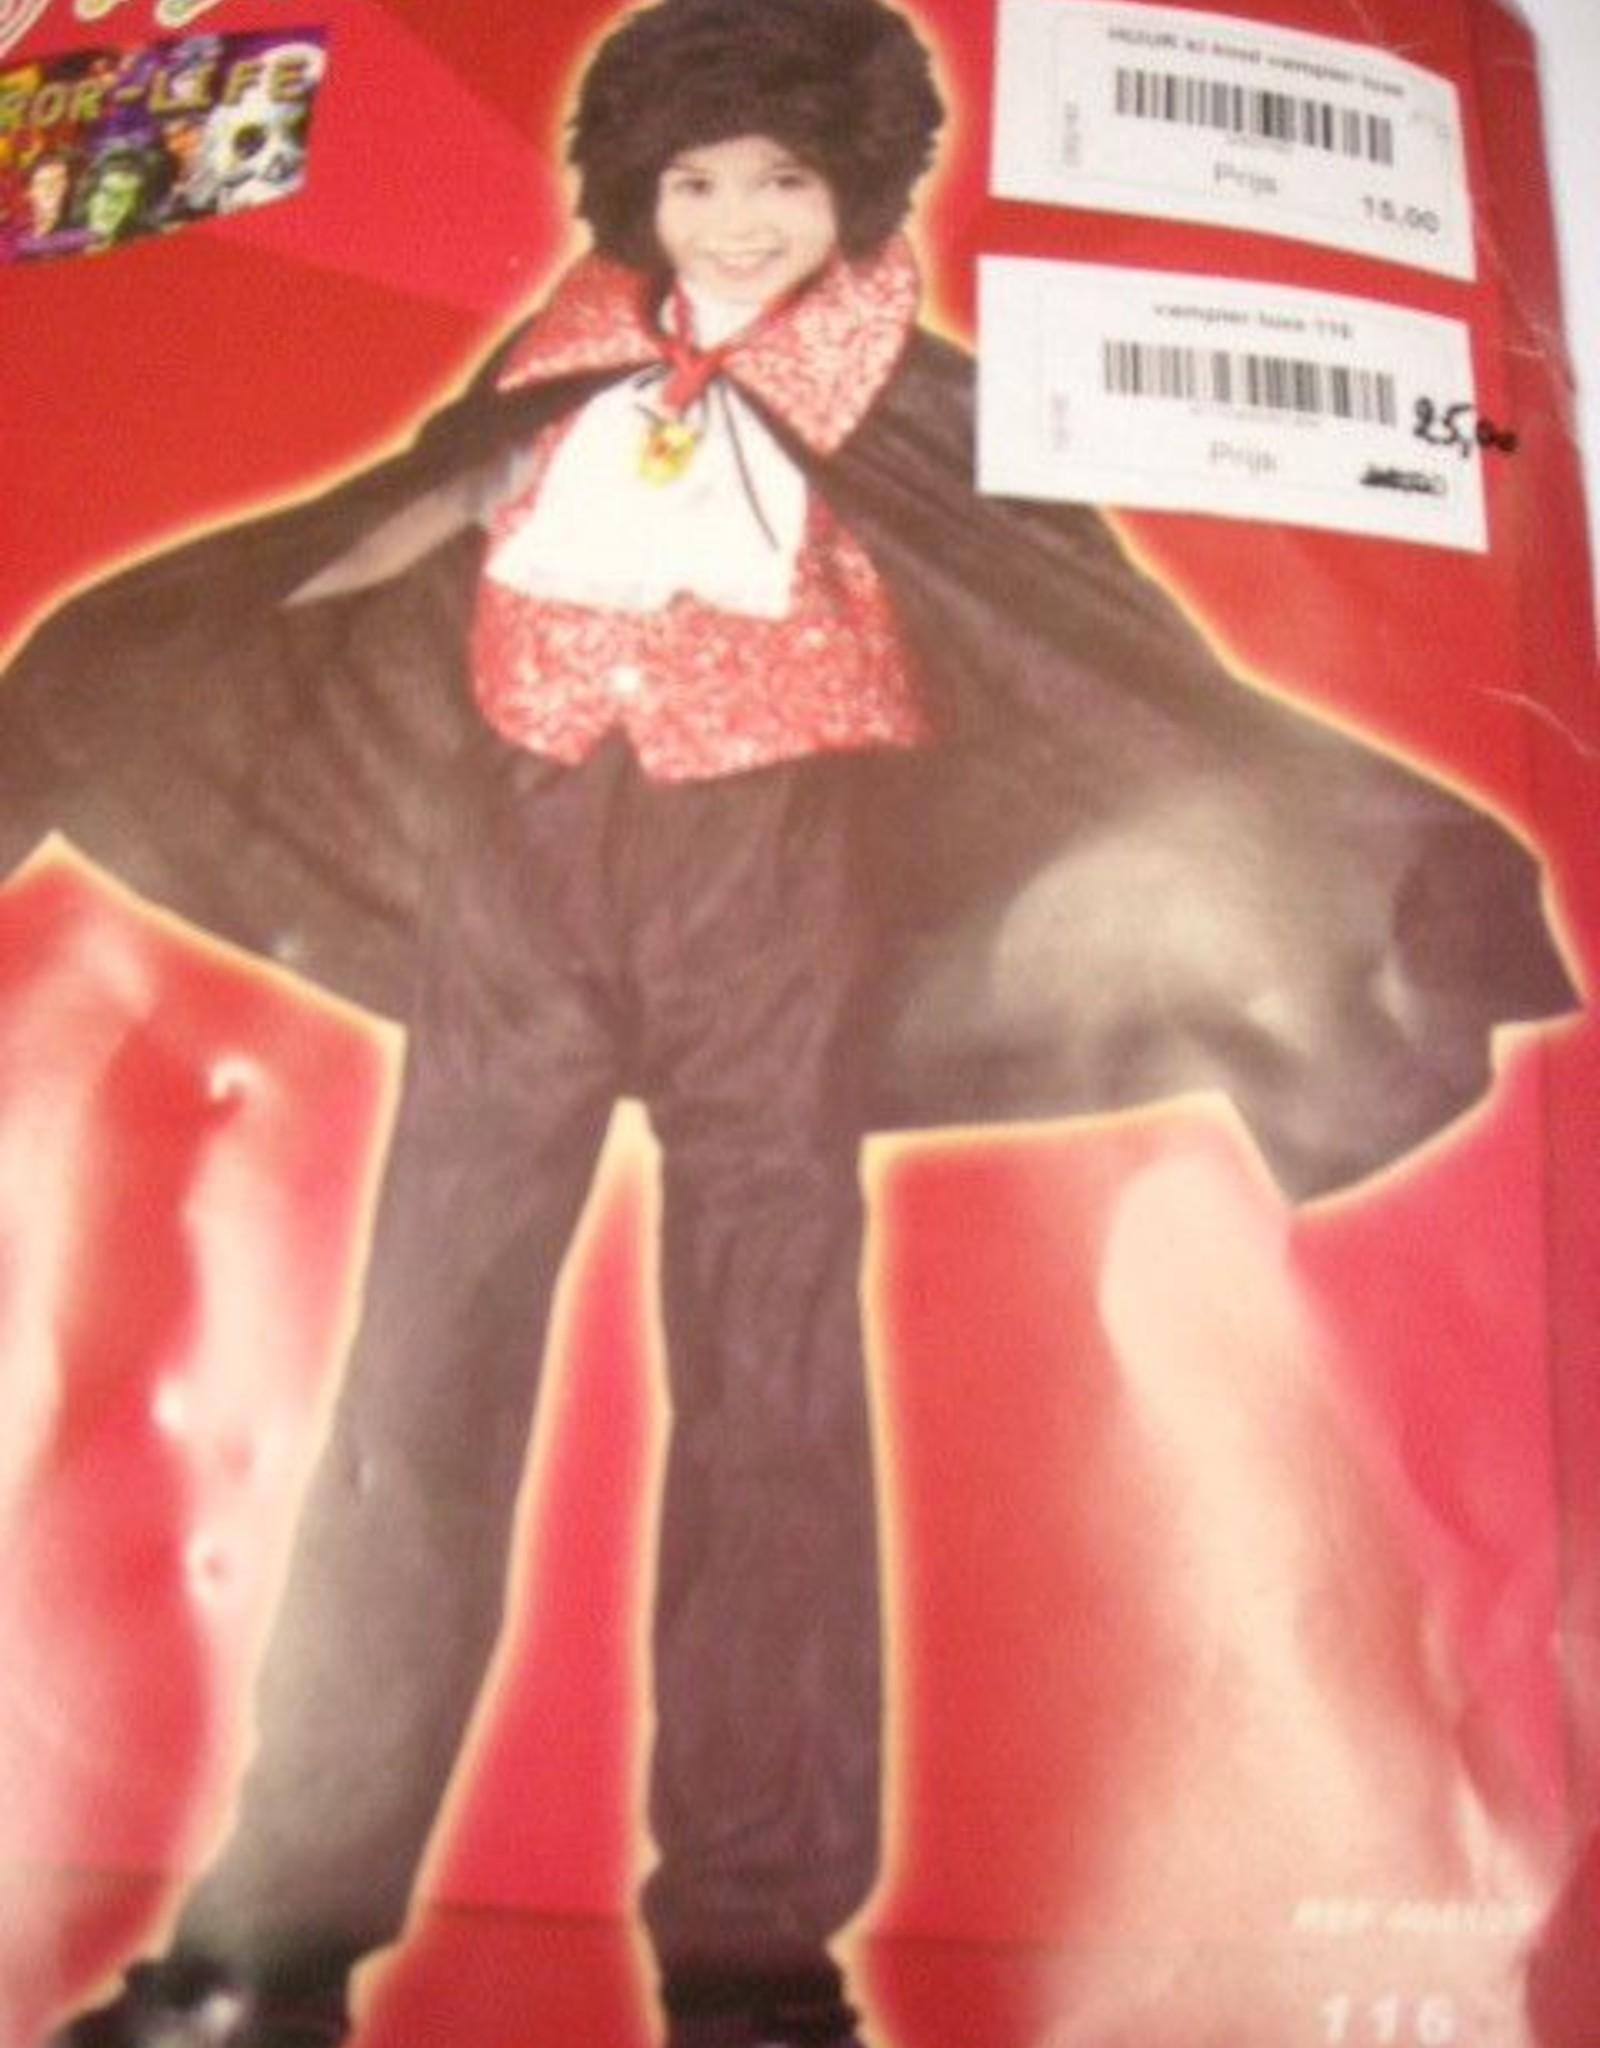 ESPA vampier luxe 116 huurprijs 15